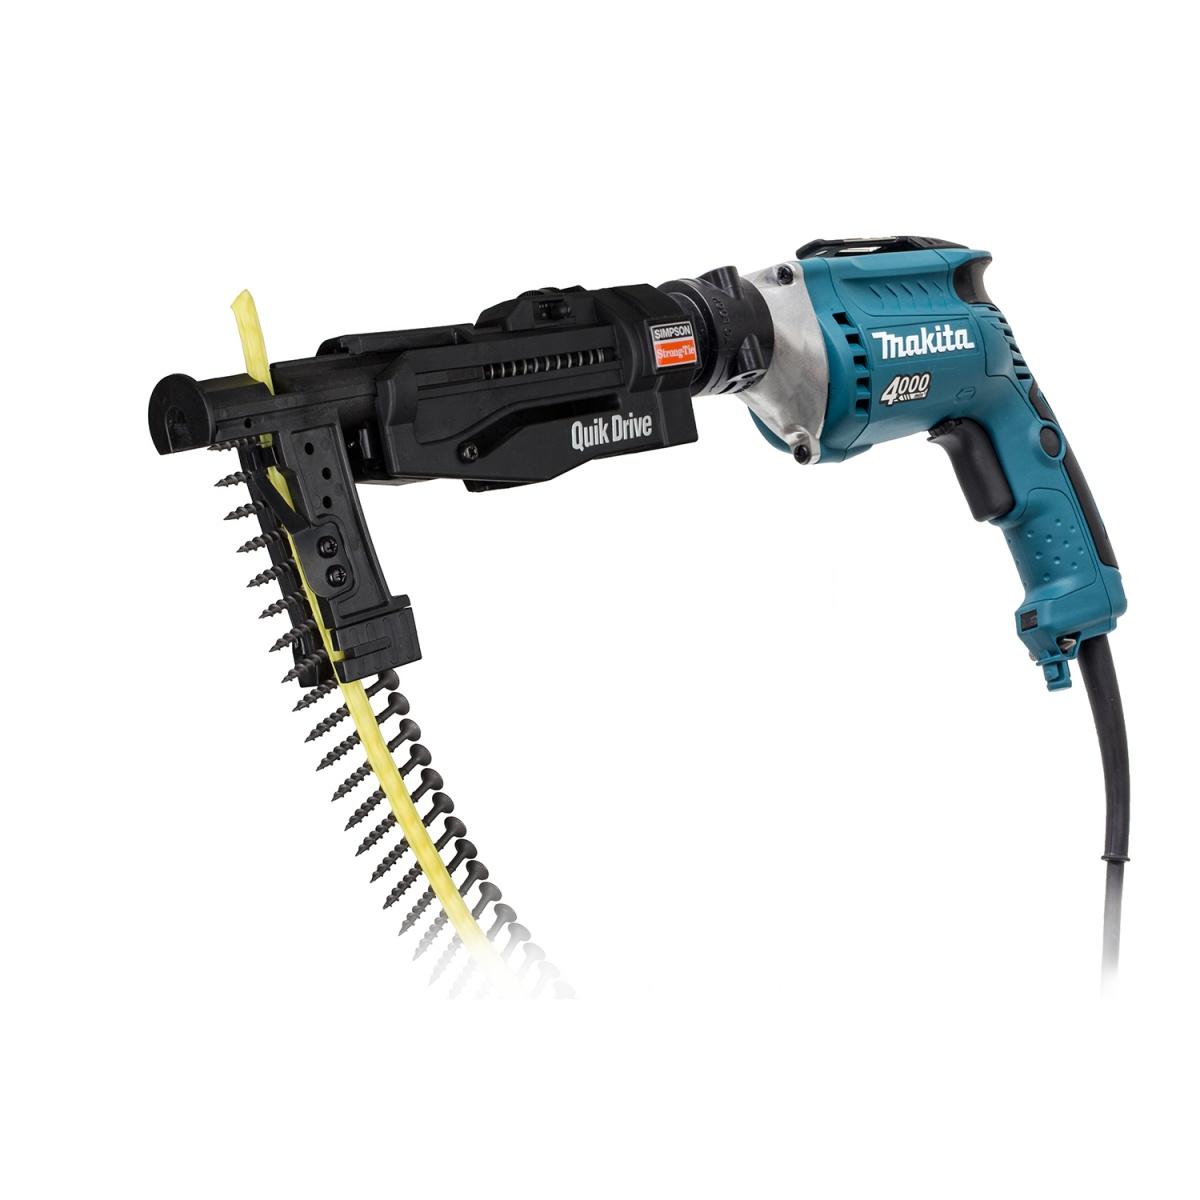 Ленточный шуруповёрт. автоматическое оружие профессионального строителя | проинструмент